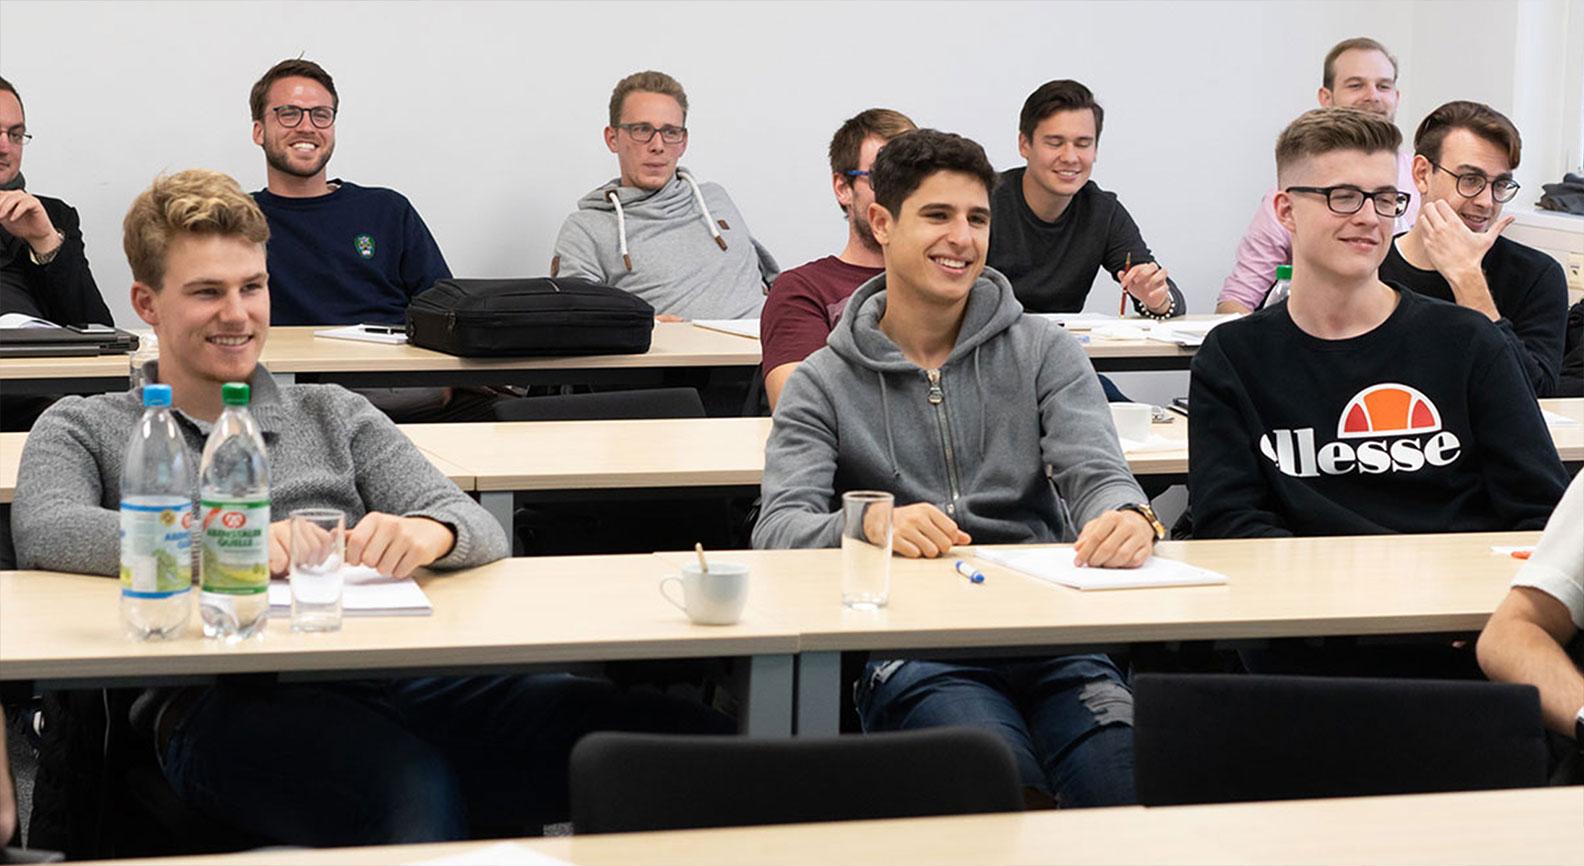 Viele Absolventen während des Unterrichts